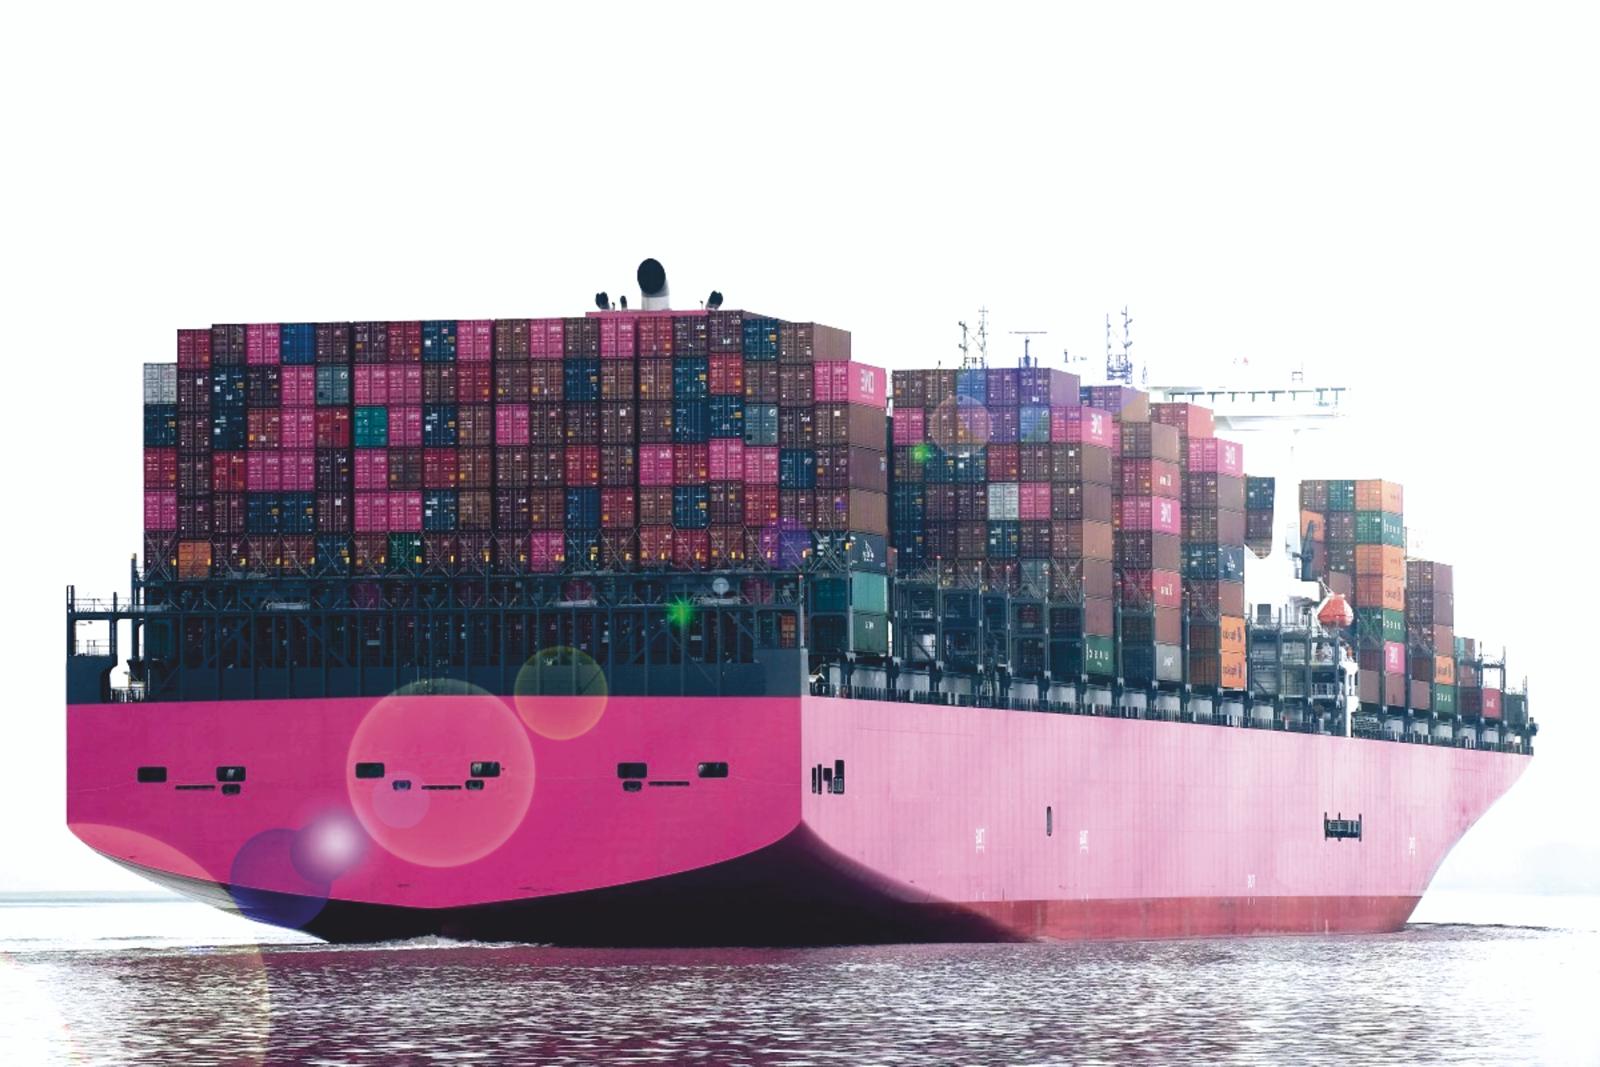 Blocați pe mare: Să salvăm navigatorii și sistemele de aprovizionare pe care le susțin